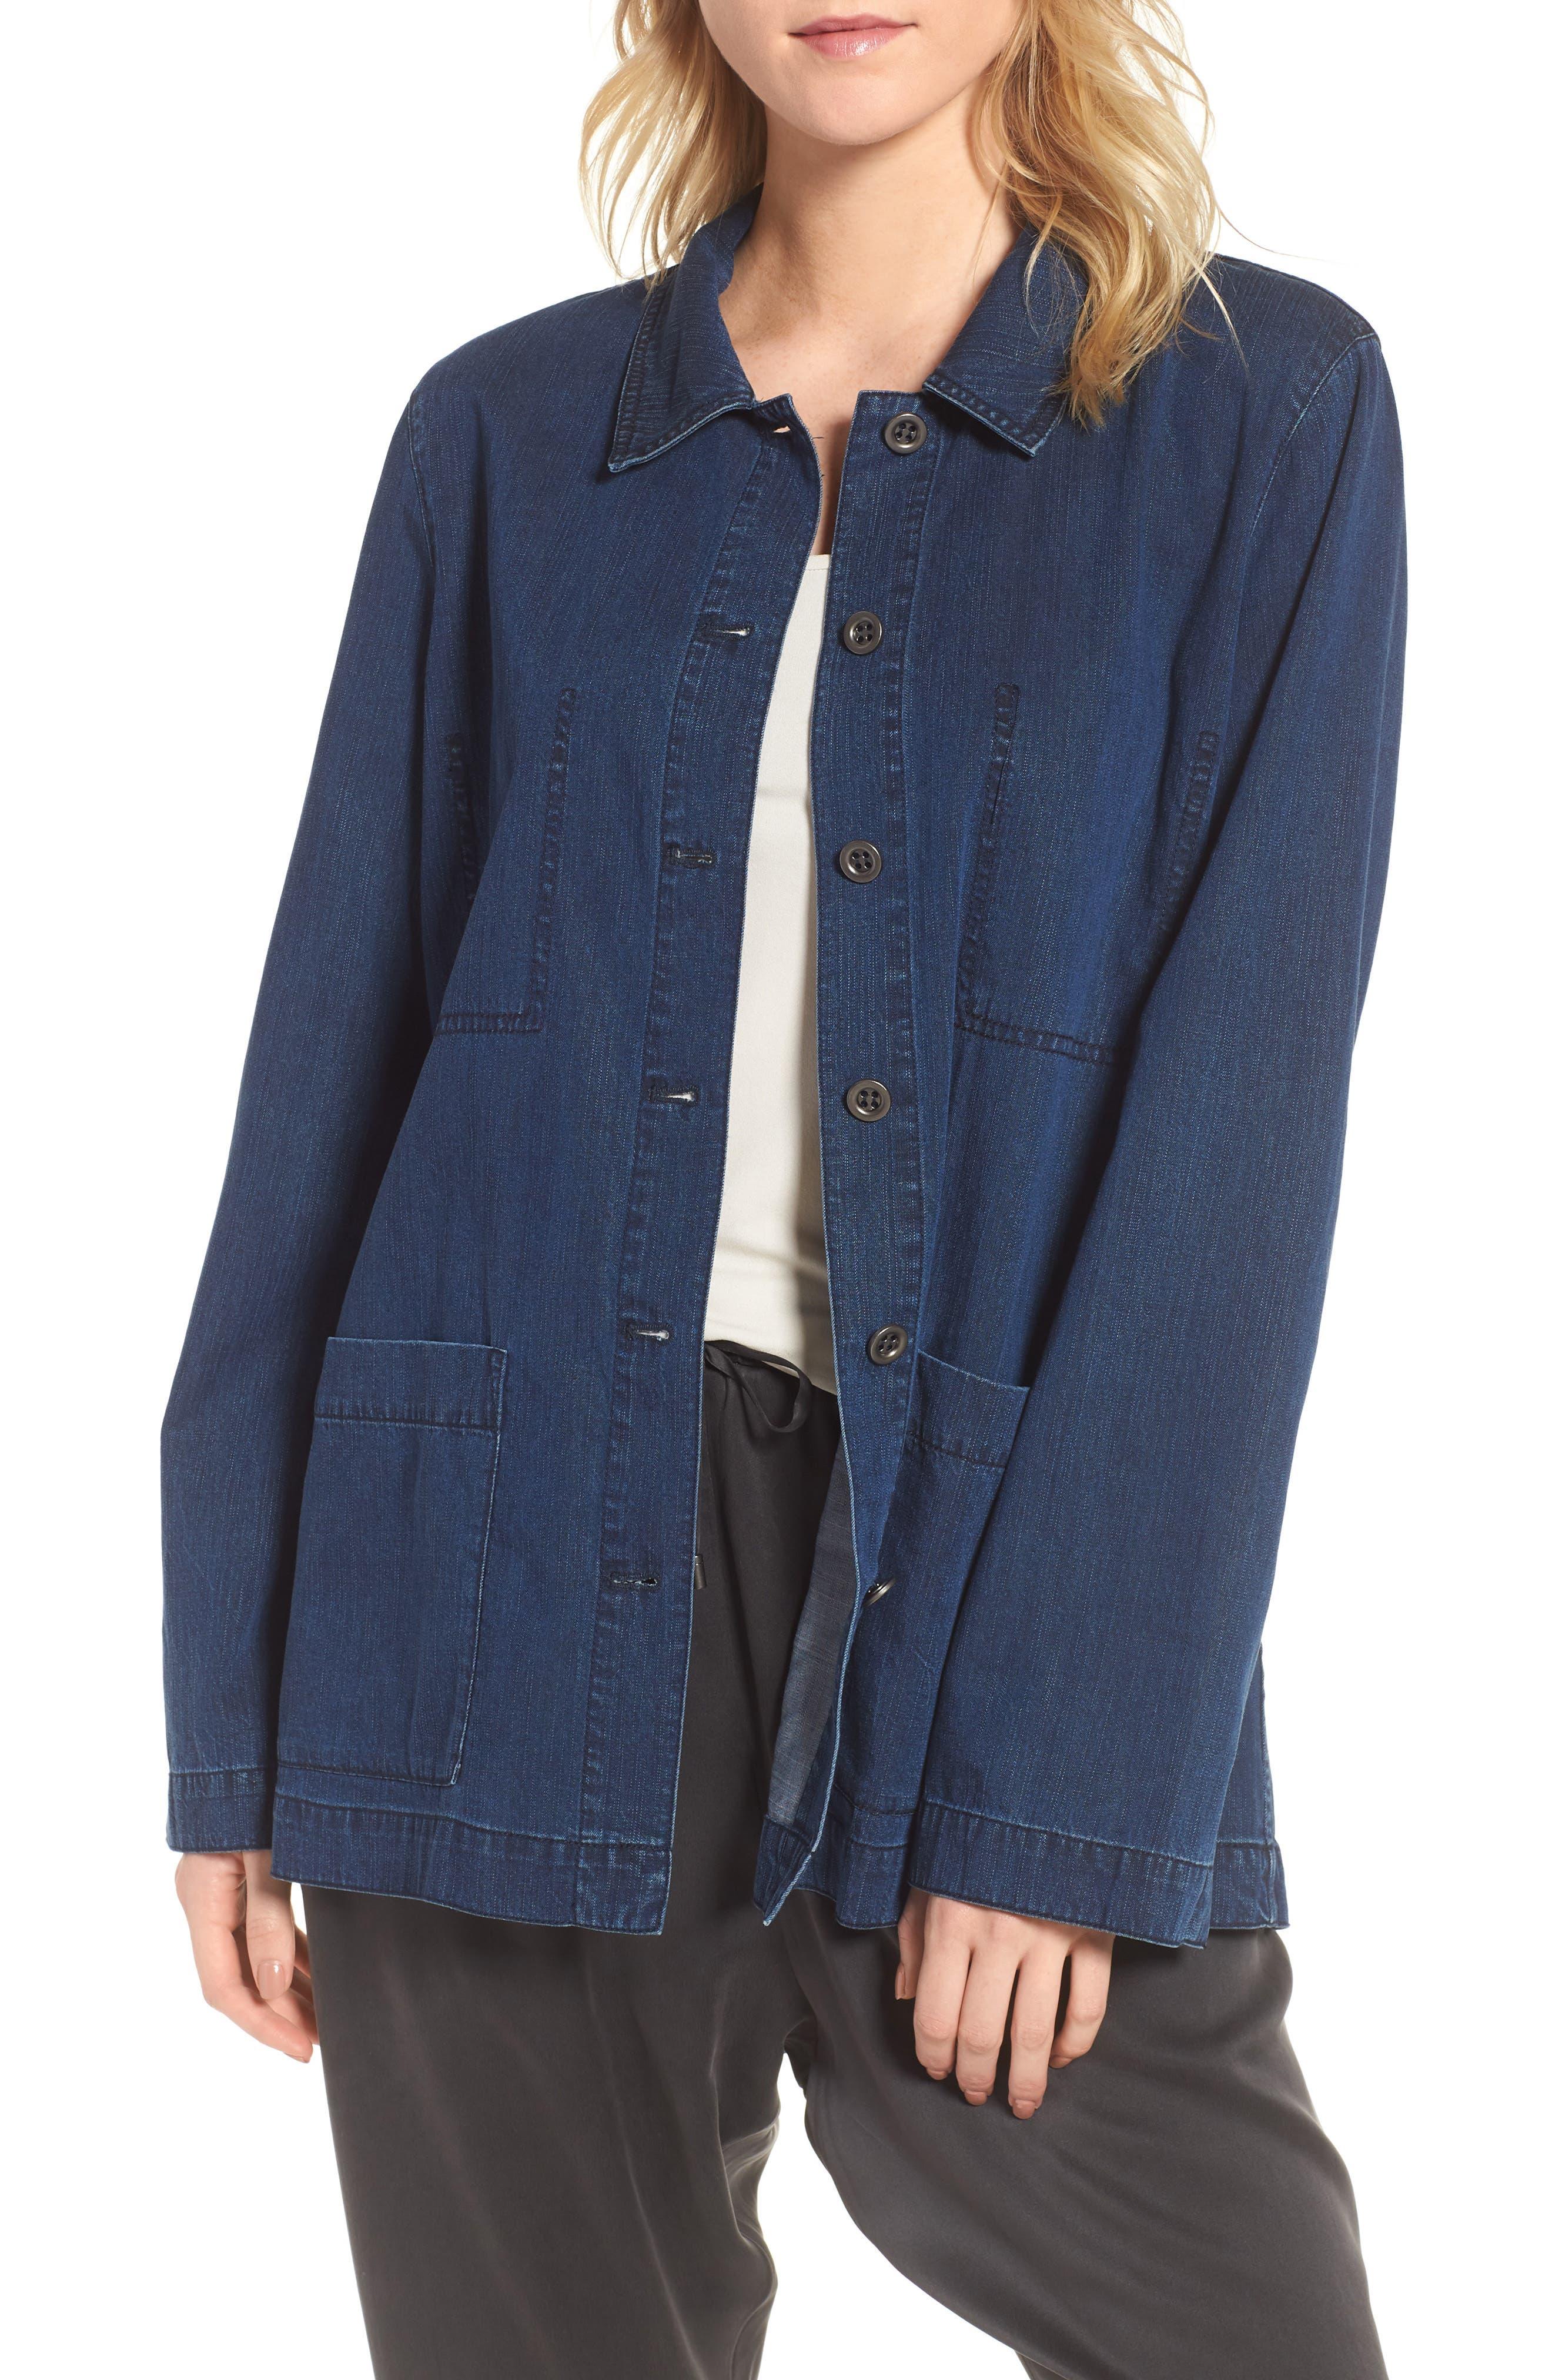 Soft Cotton Blend Denim Jacket,                         Main,                         color, 419